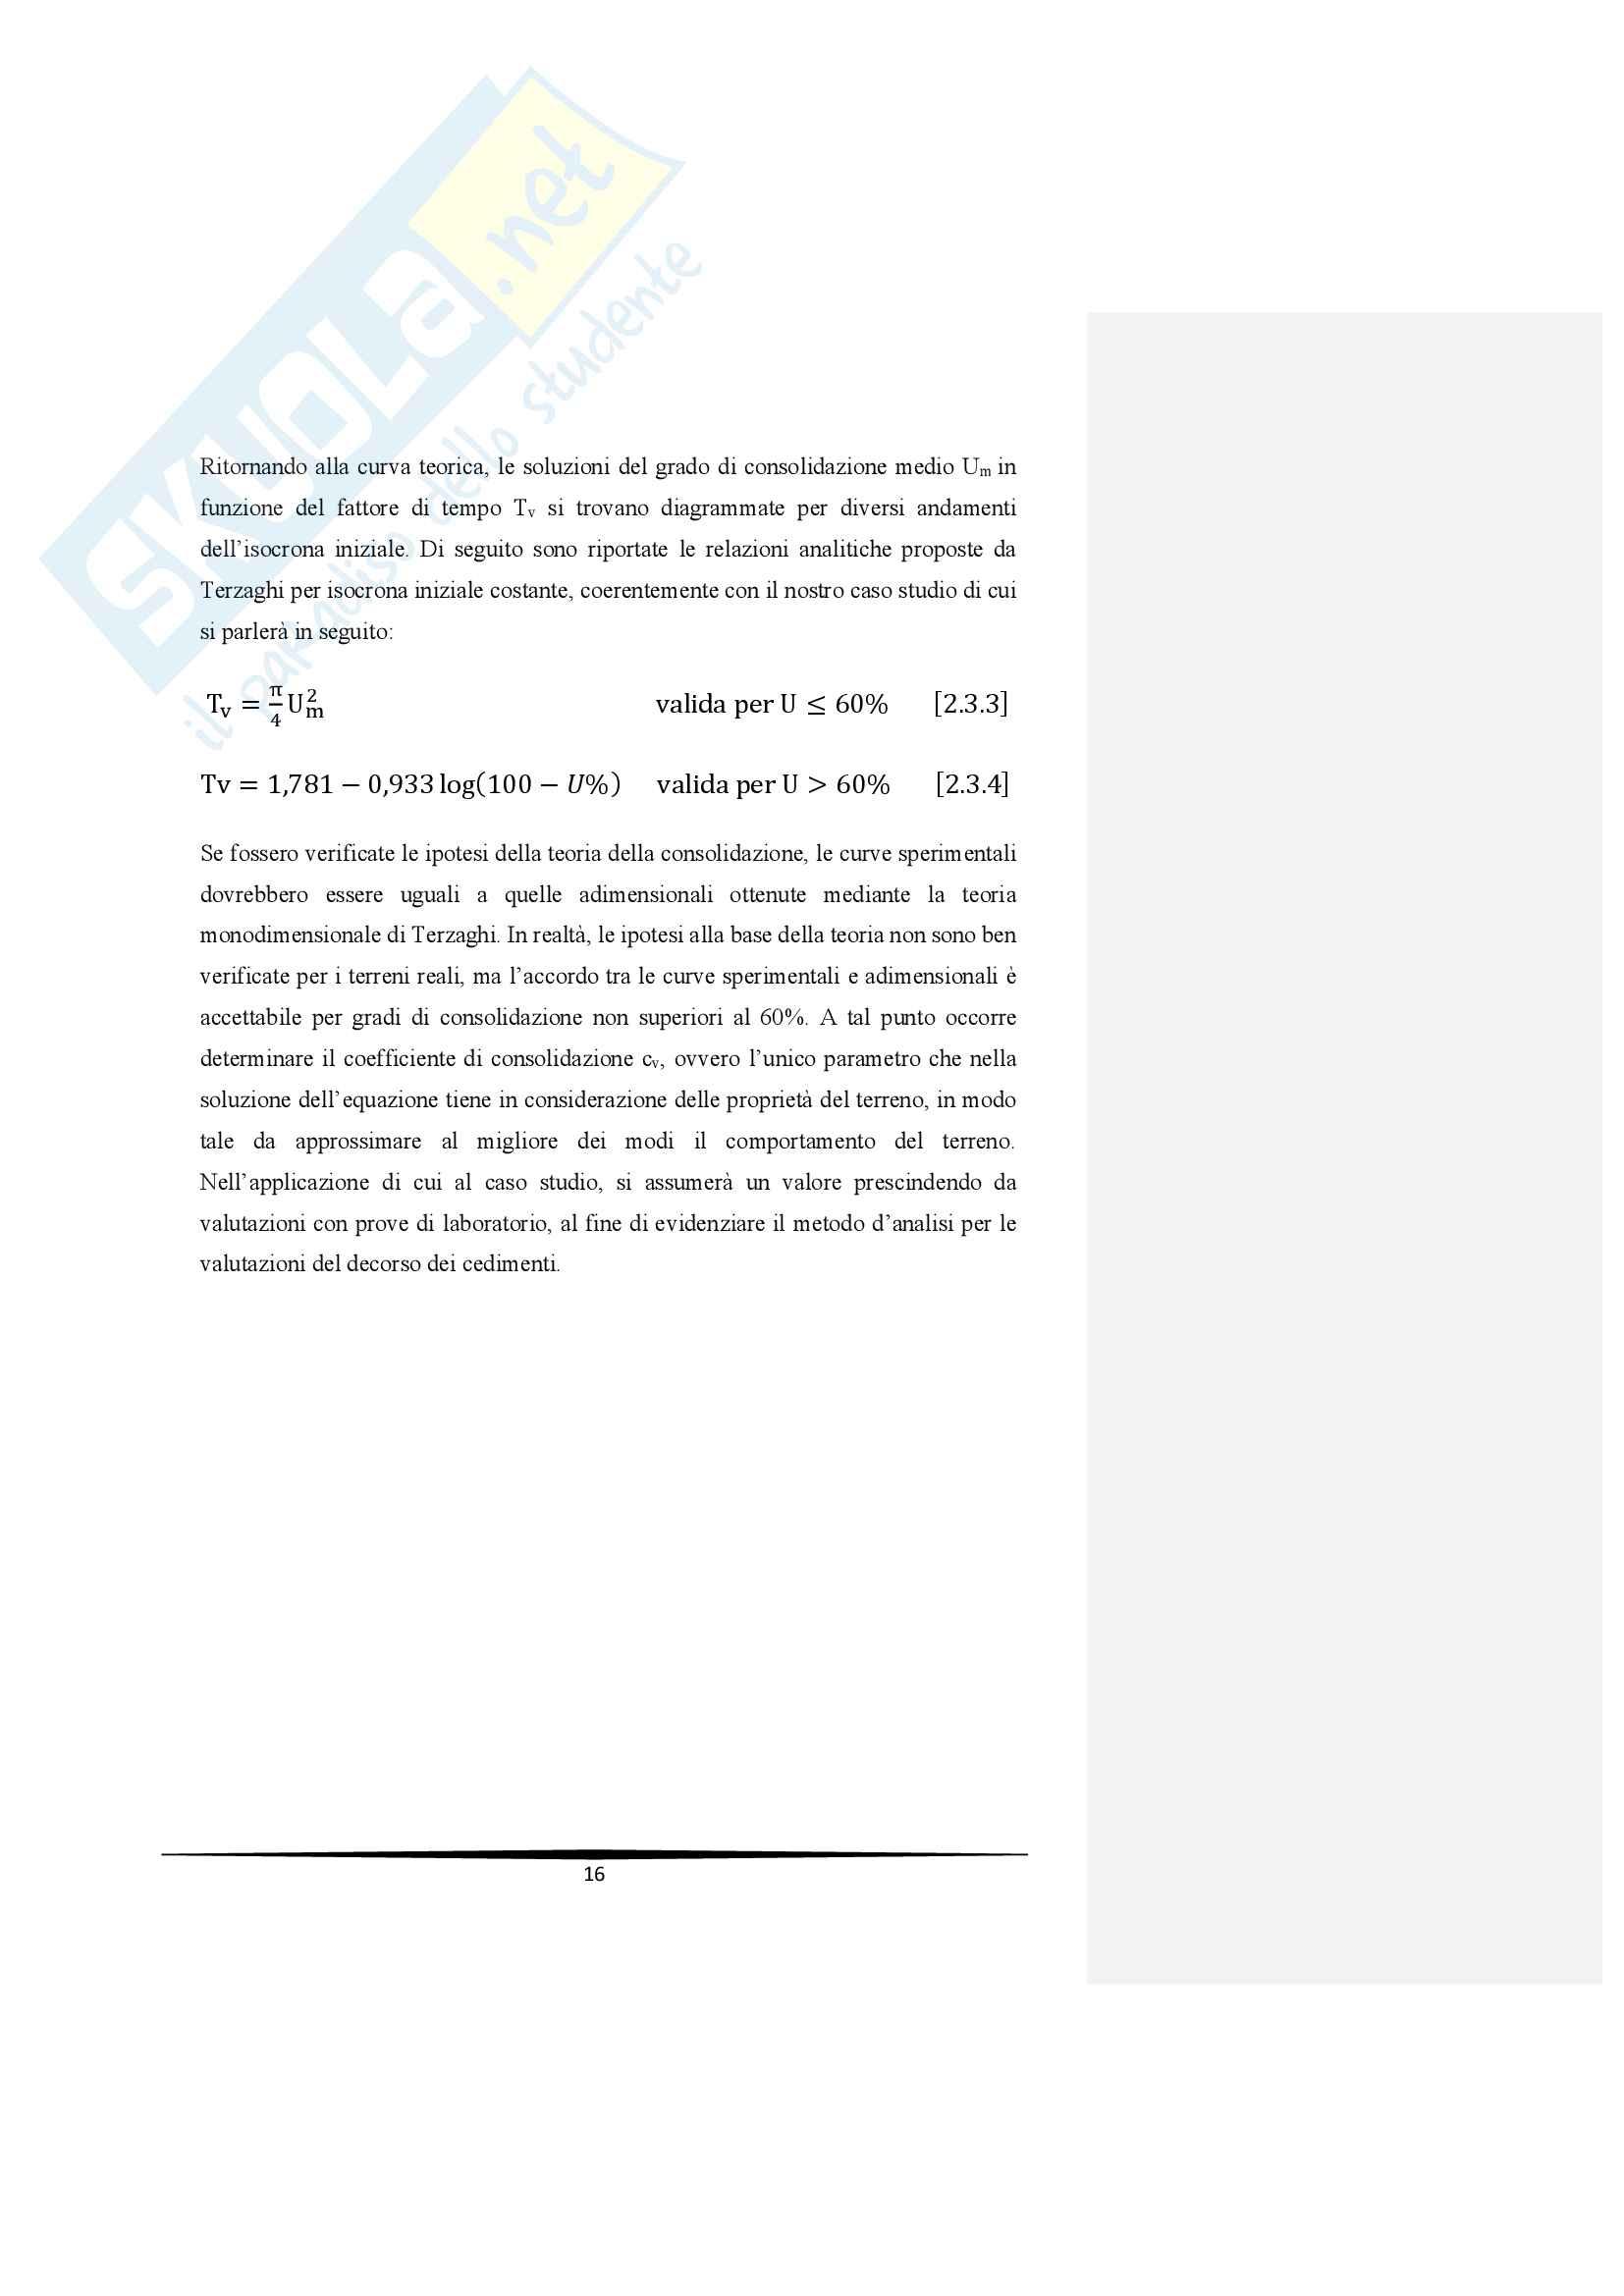 Decorso dei cedimenti di consolidazione per terreni a grana fine Pag. 16